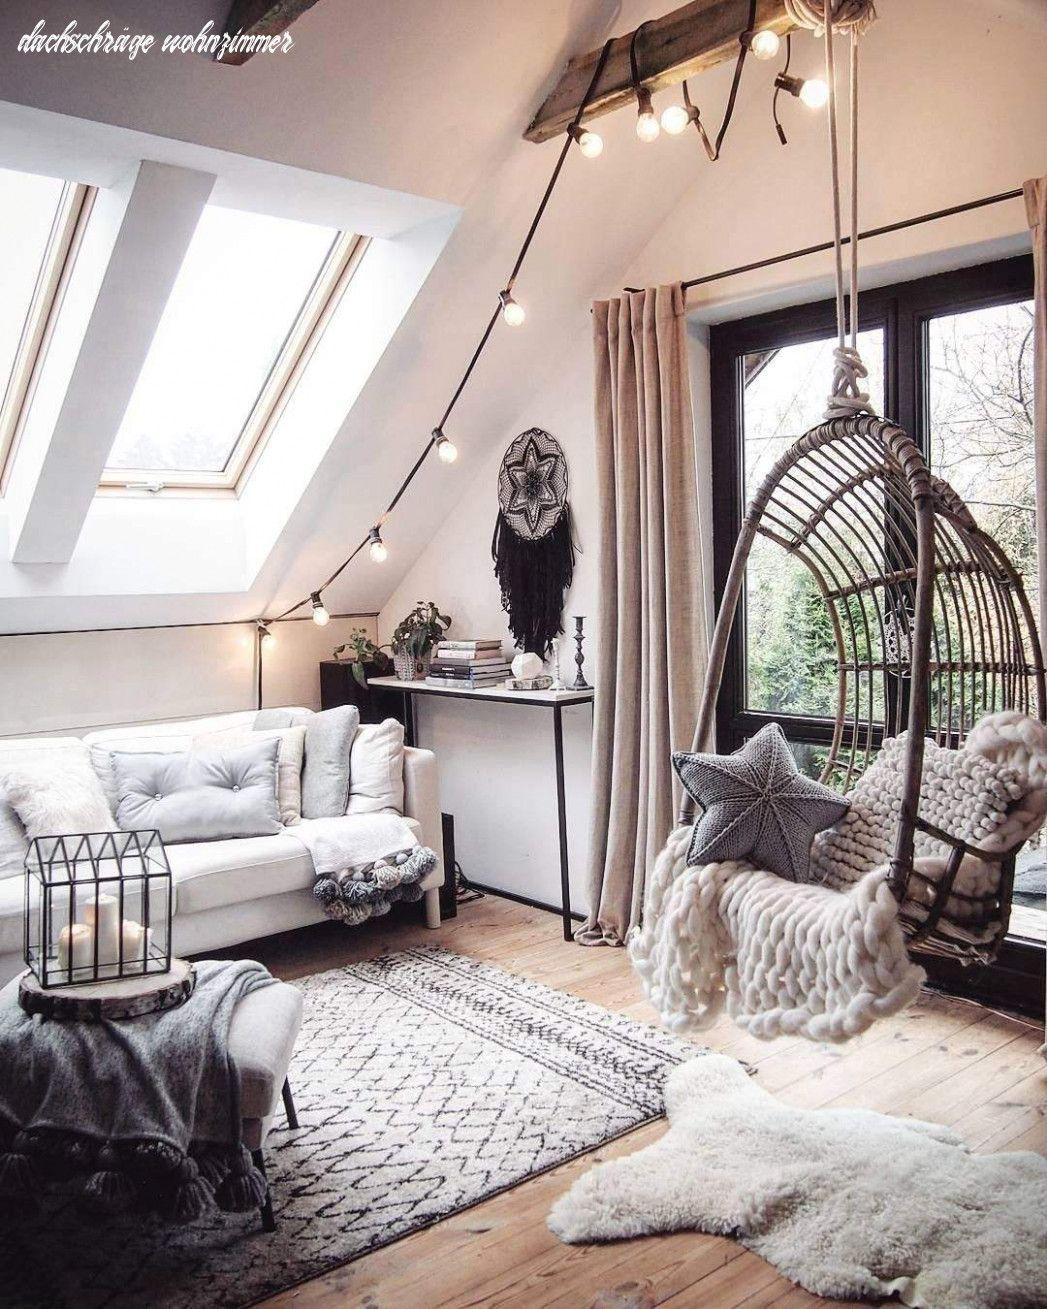 Zehn Möglichkeiten, Wie Sie Das Beste Aus Dieser Dachschräge Wohnzimmer Herausholen Könn ...